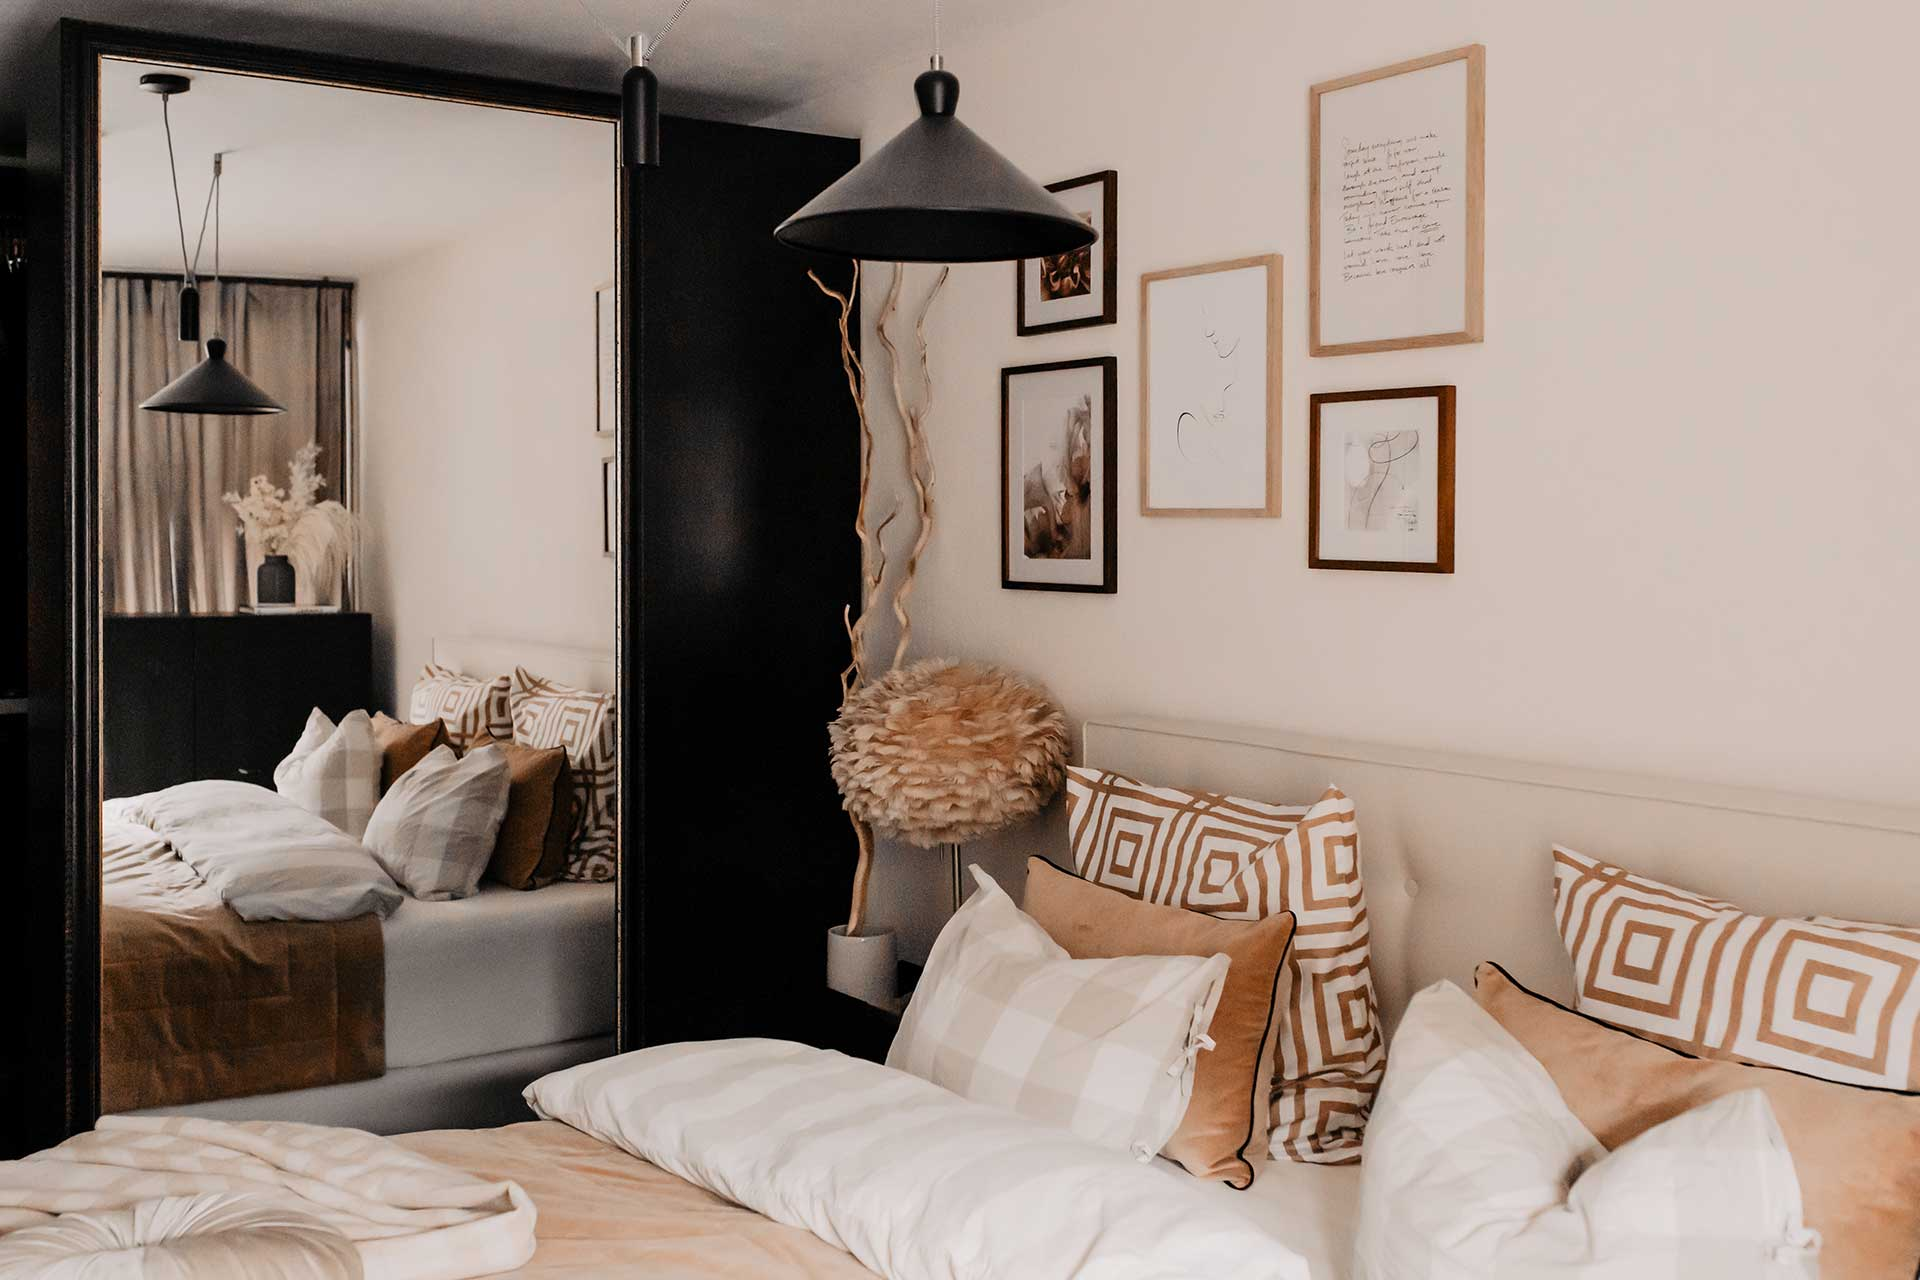 Produktplatzierung. Auf meinem Interior Blog verrate ich dir meine 7 Tipps für ein gemütliches Schlafzimmer. Uns war es besonders wichtig, ein gemütliches und zugleich modernes Schlafzimmer zu gestalten. Es sollte ein Wohlfühlraum werden, in dem man entspannen und abschalten kann und ich finde, das ist uns sehr gut gelungen. www.whoismocca.com #schlafzimmer